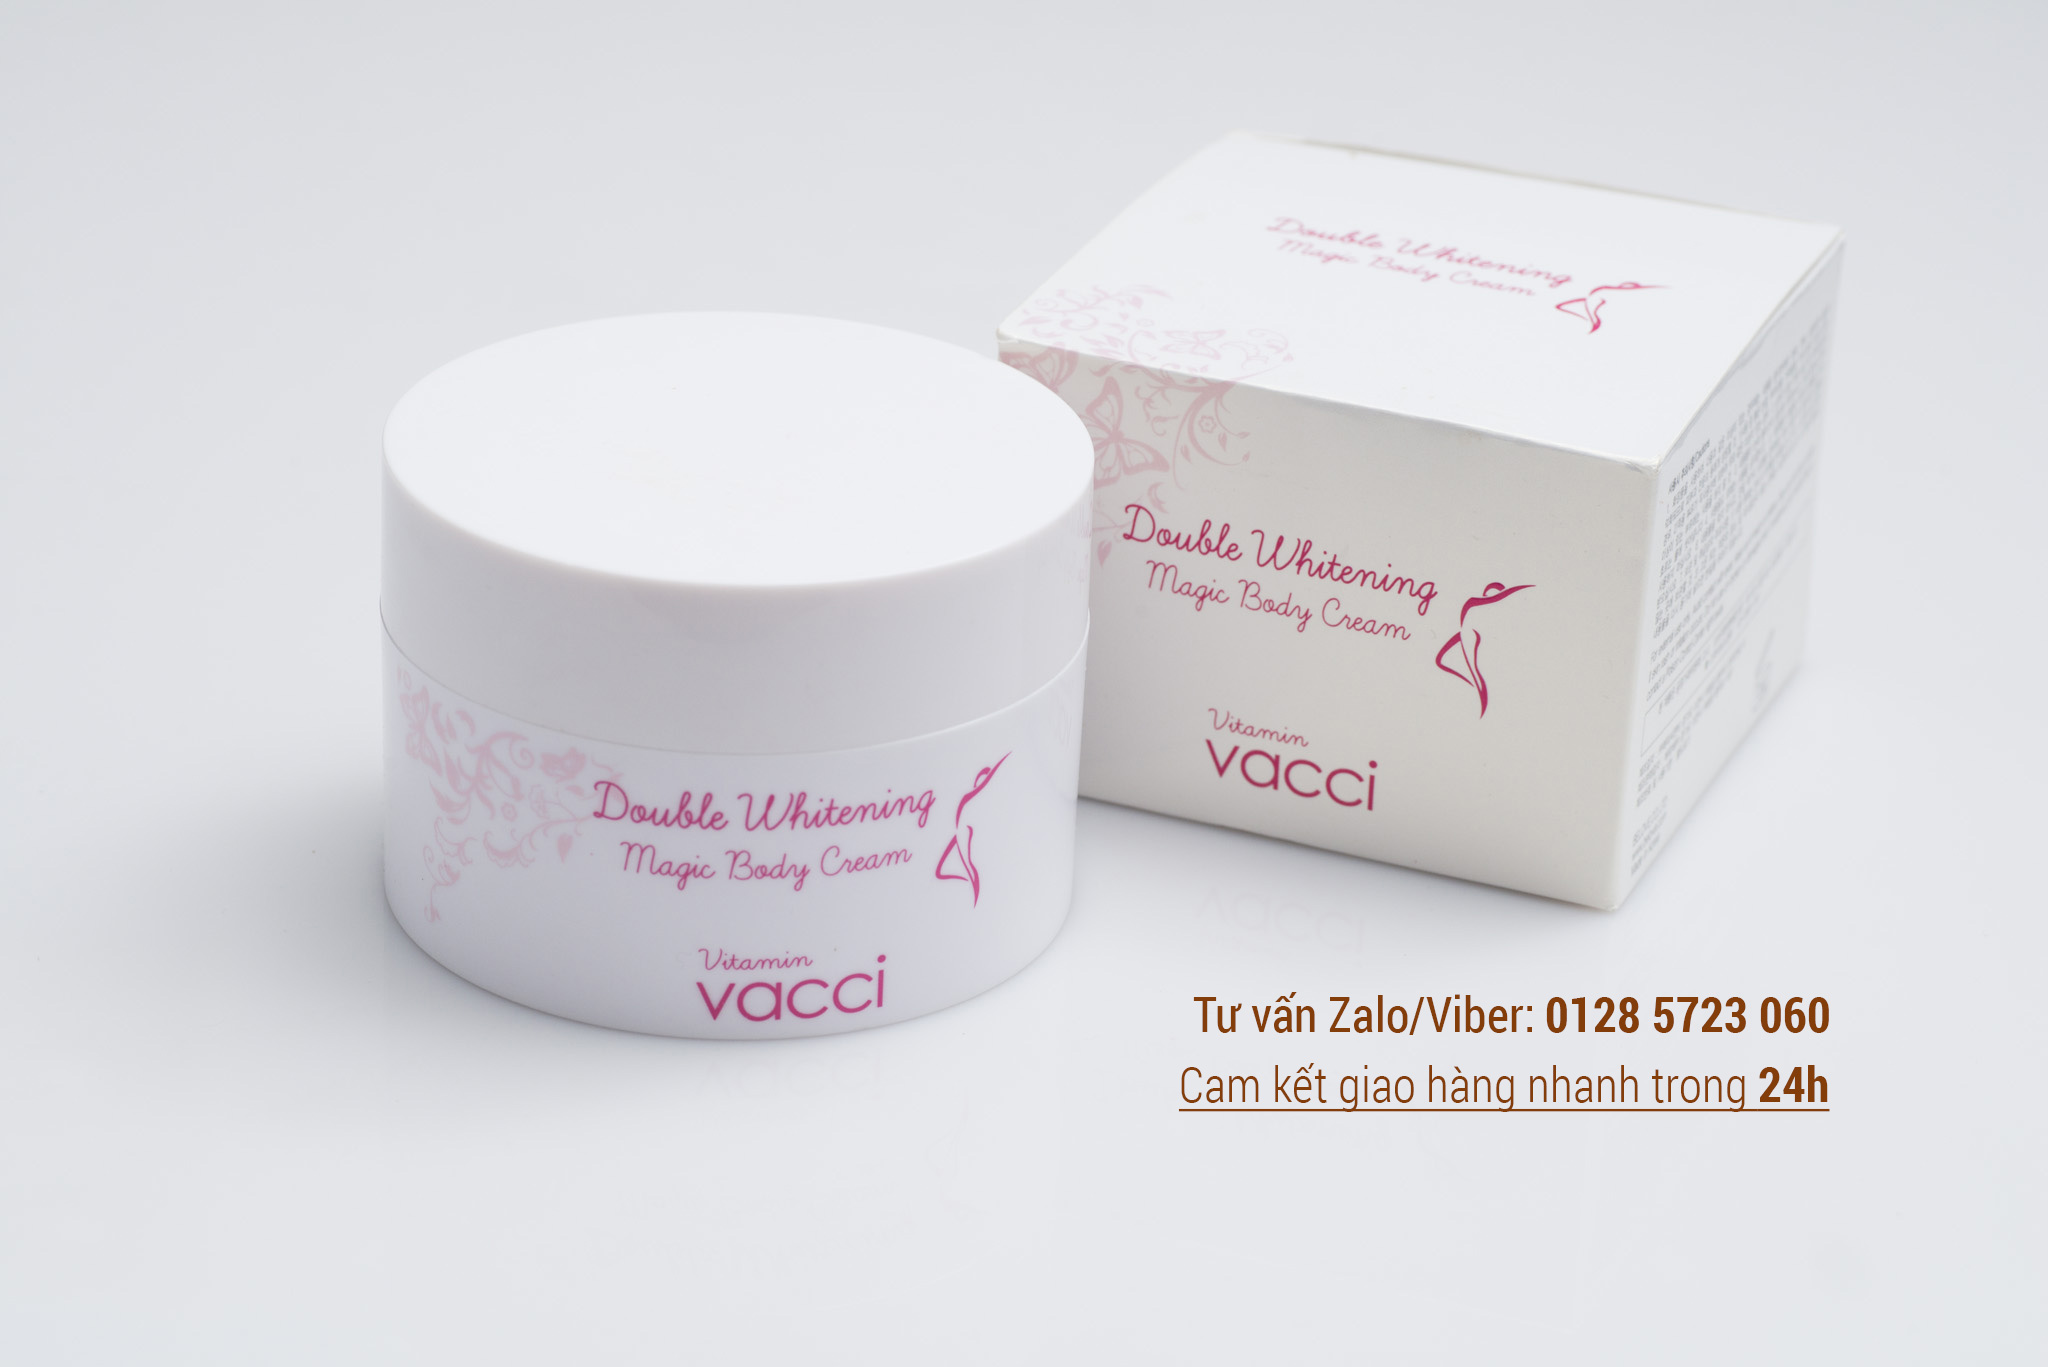 Kem dưỡng trang điểm trắng da toàn thân - Vacci Double Whitening Magic Body Cream